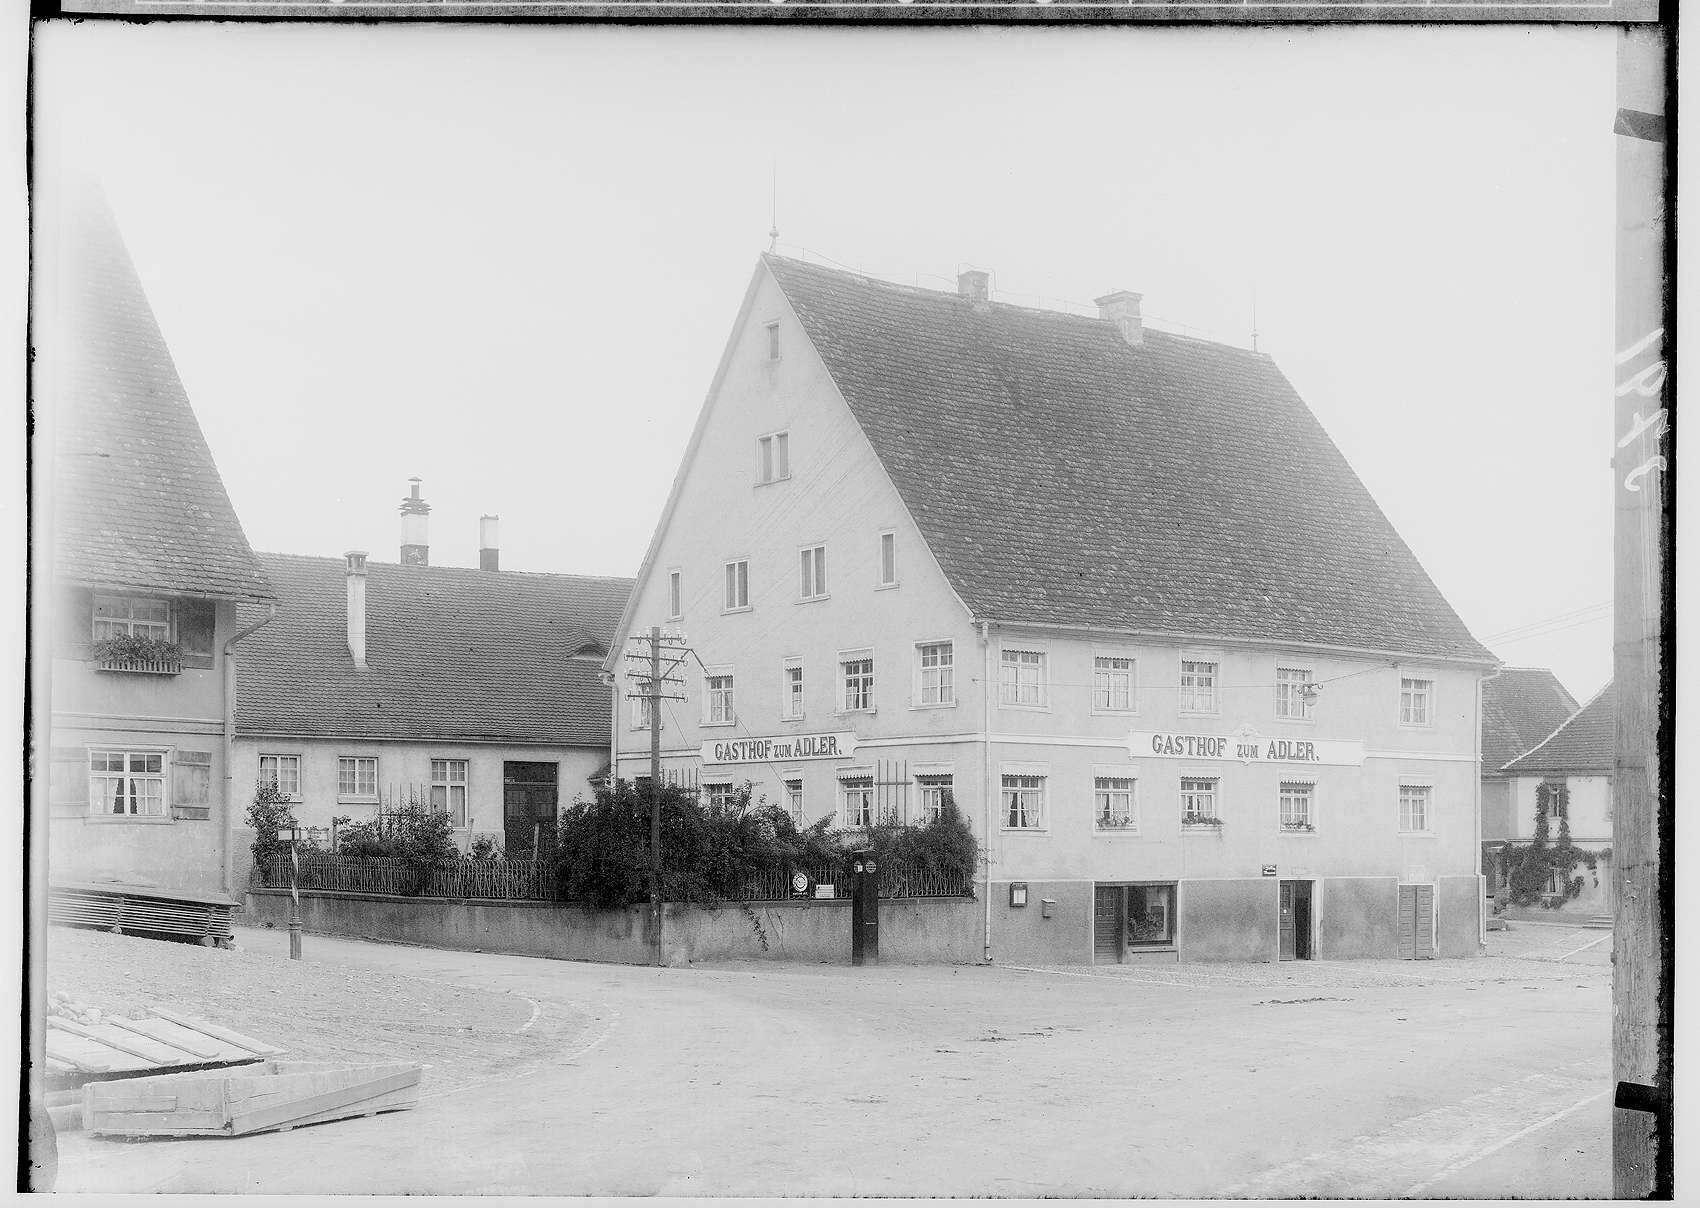 Ostrach; Gasthof zum Adler, Bild 1